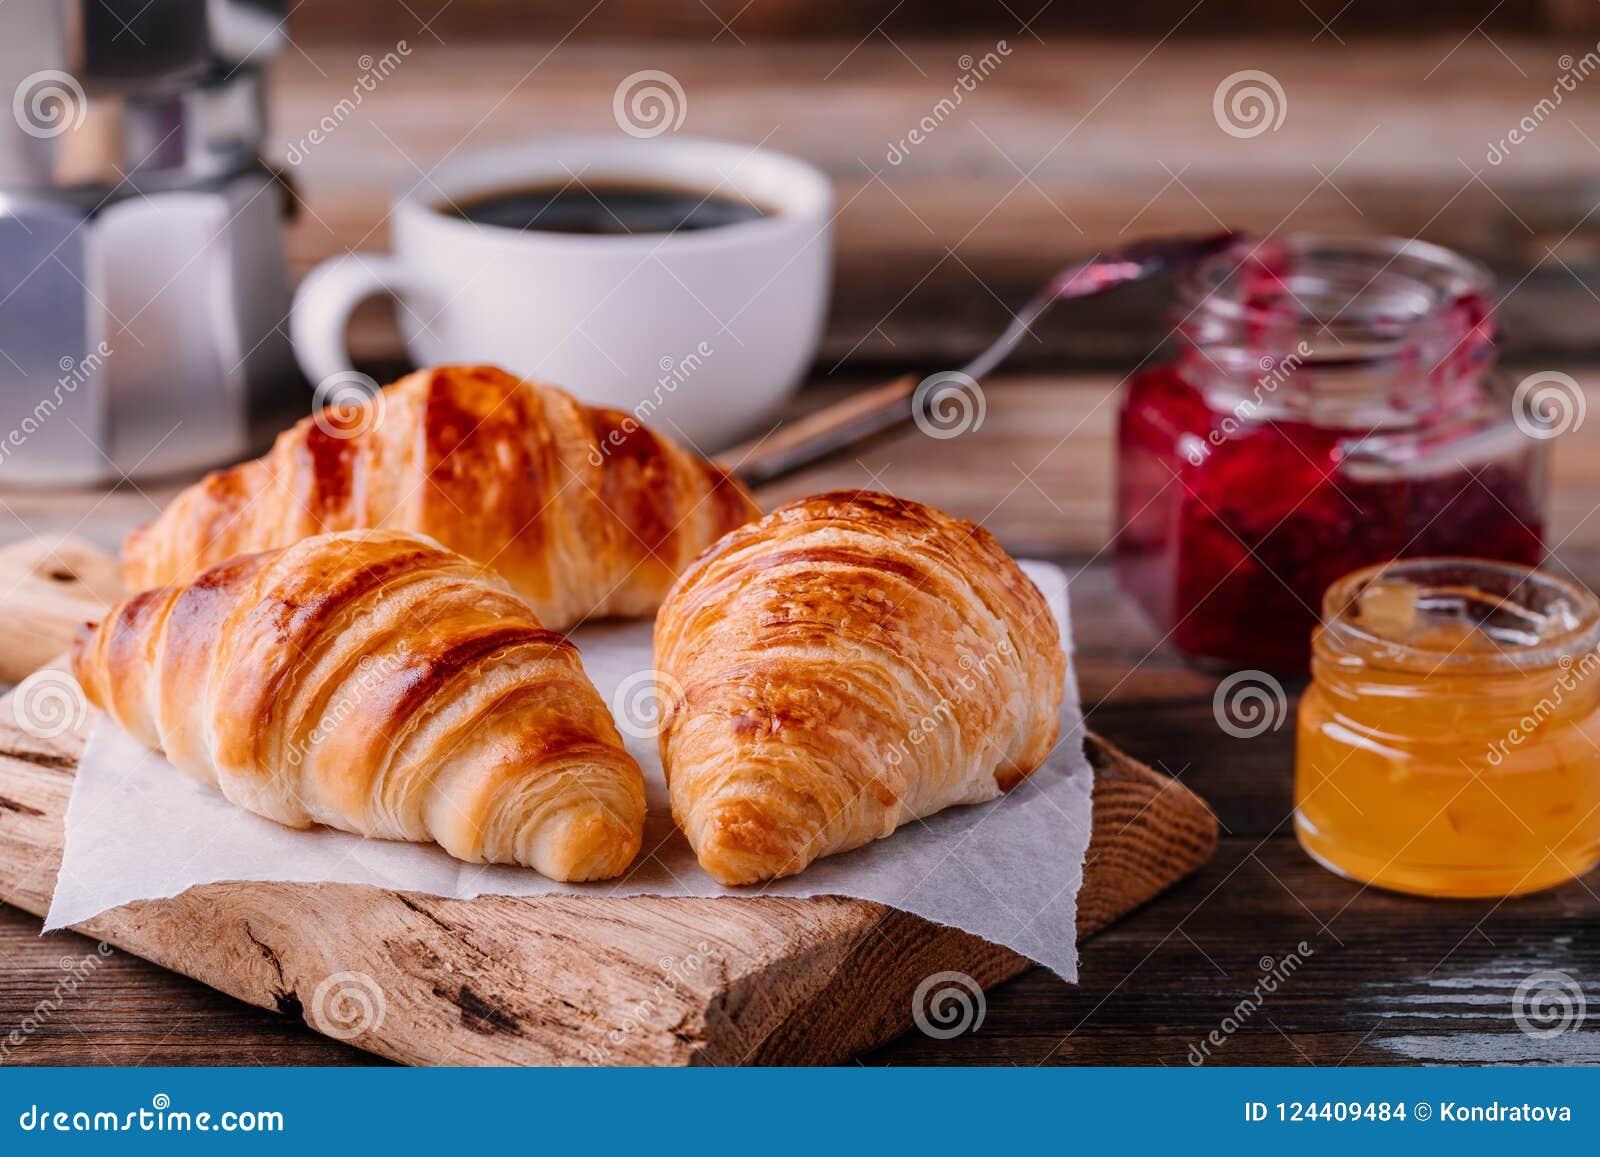 Croissant al forno casalinghi con inceppamento e caffè su fondo rustico di legno